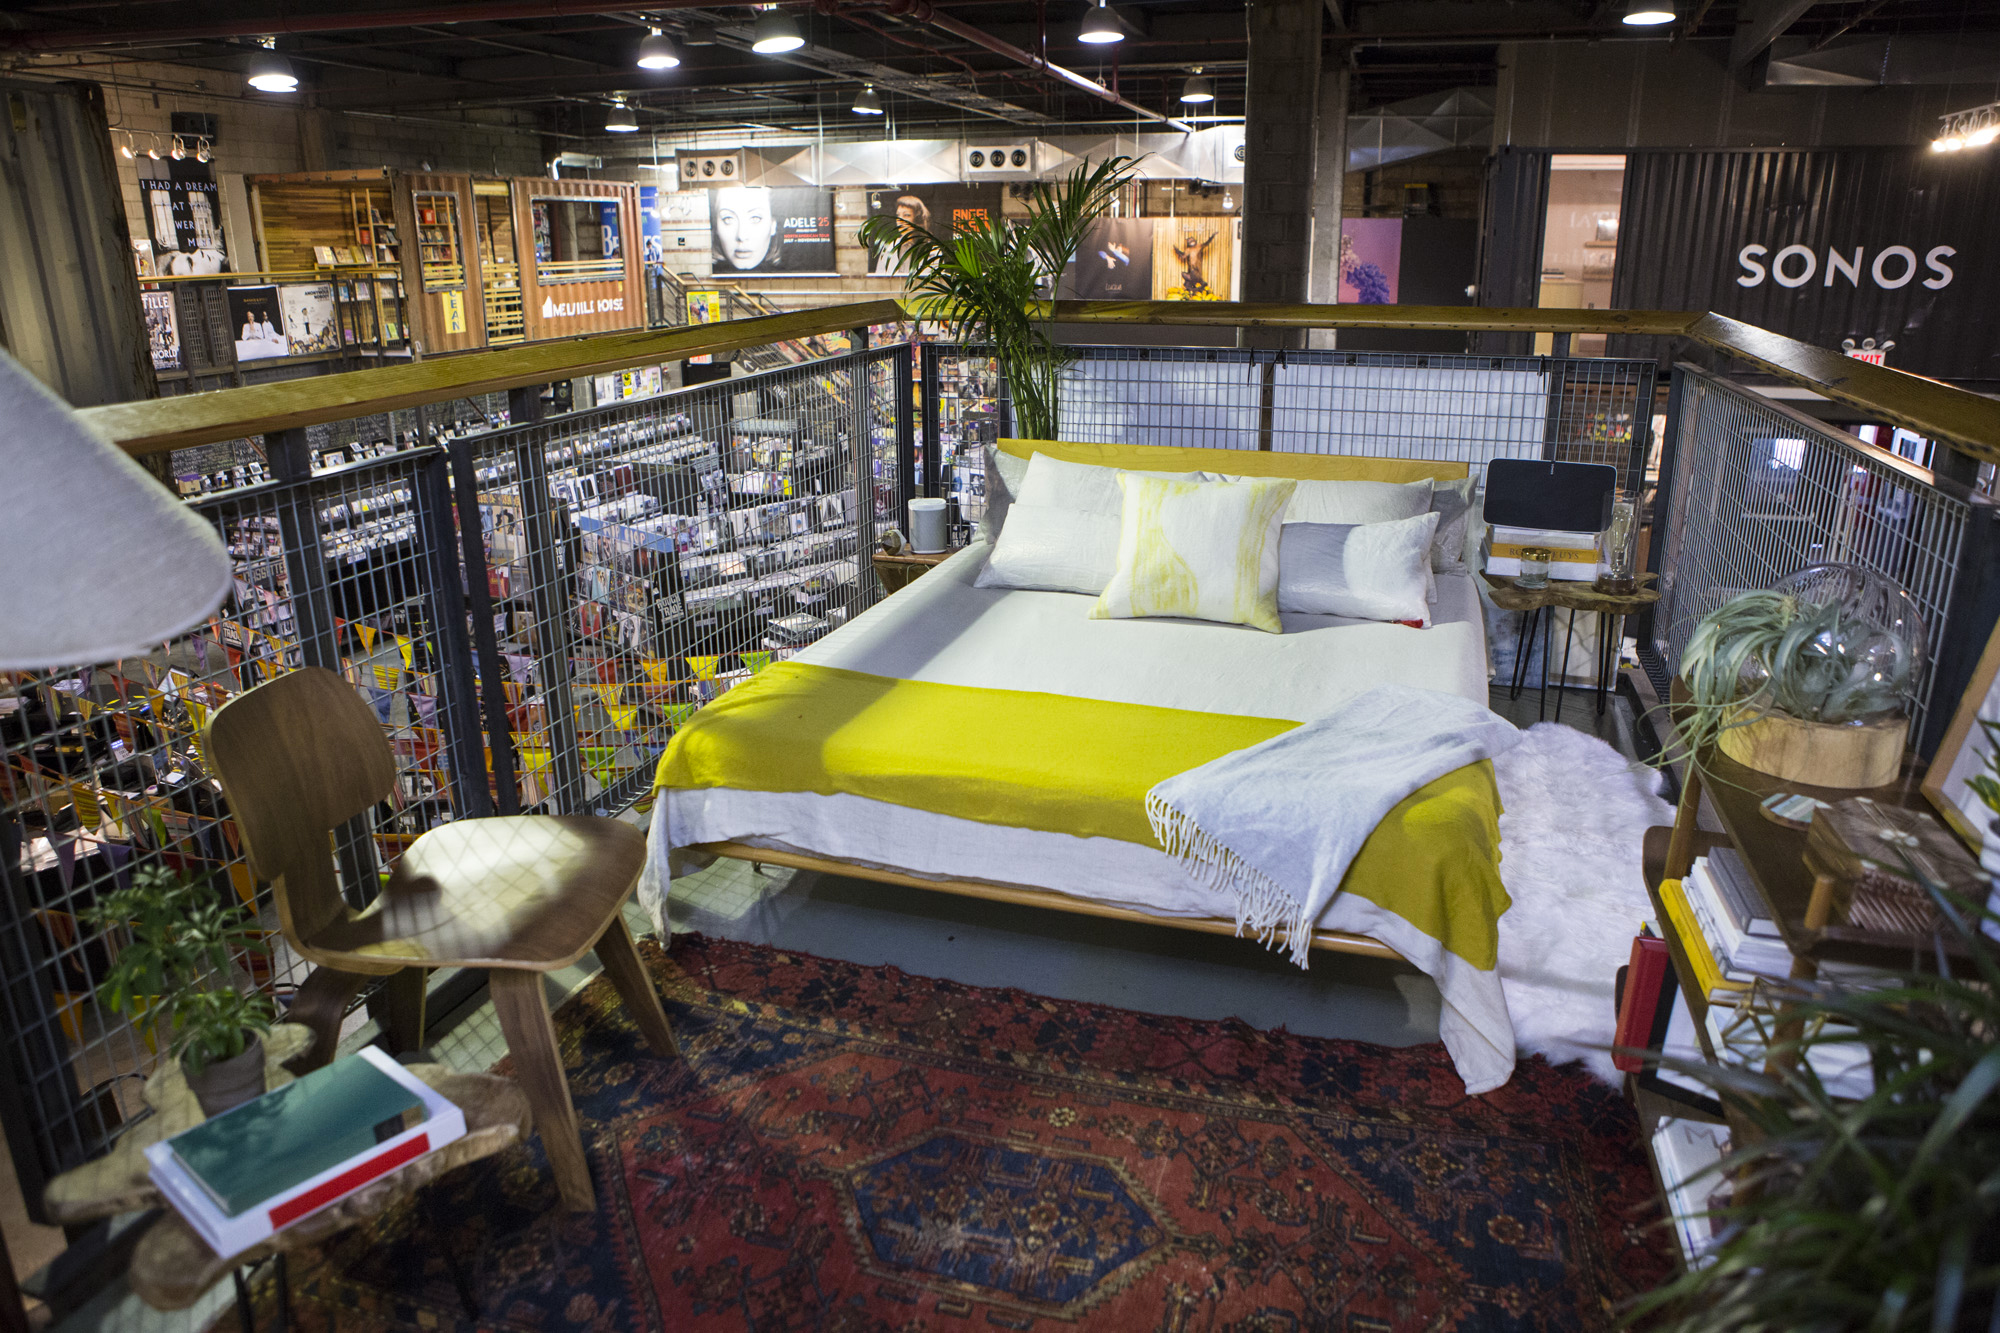 Sonos rough trade airbnb %281%29